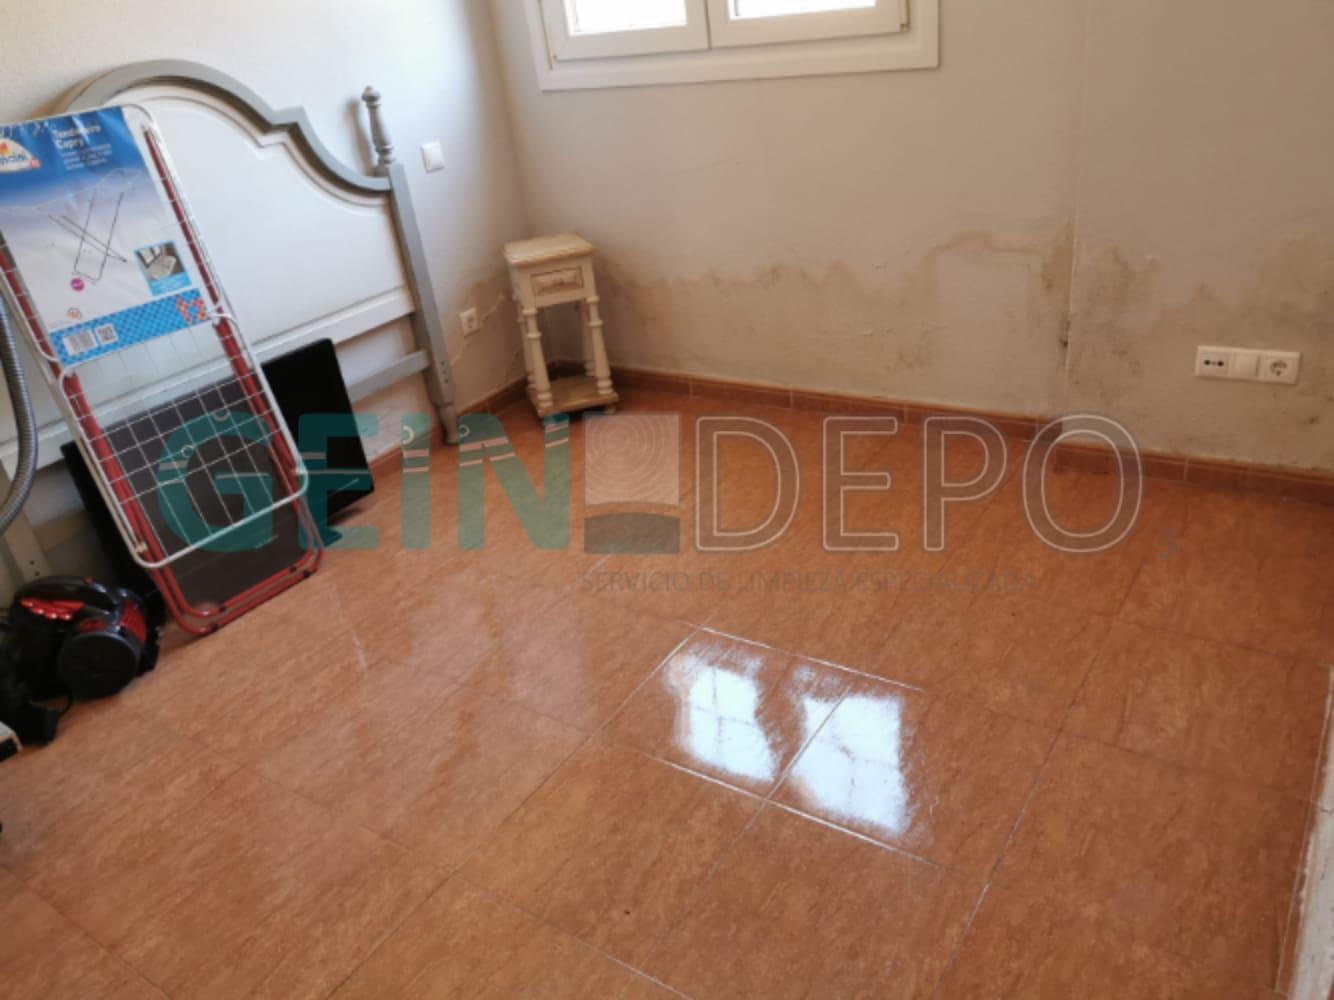 Habitación de piso después de realizar la limpieza de Diógenes